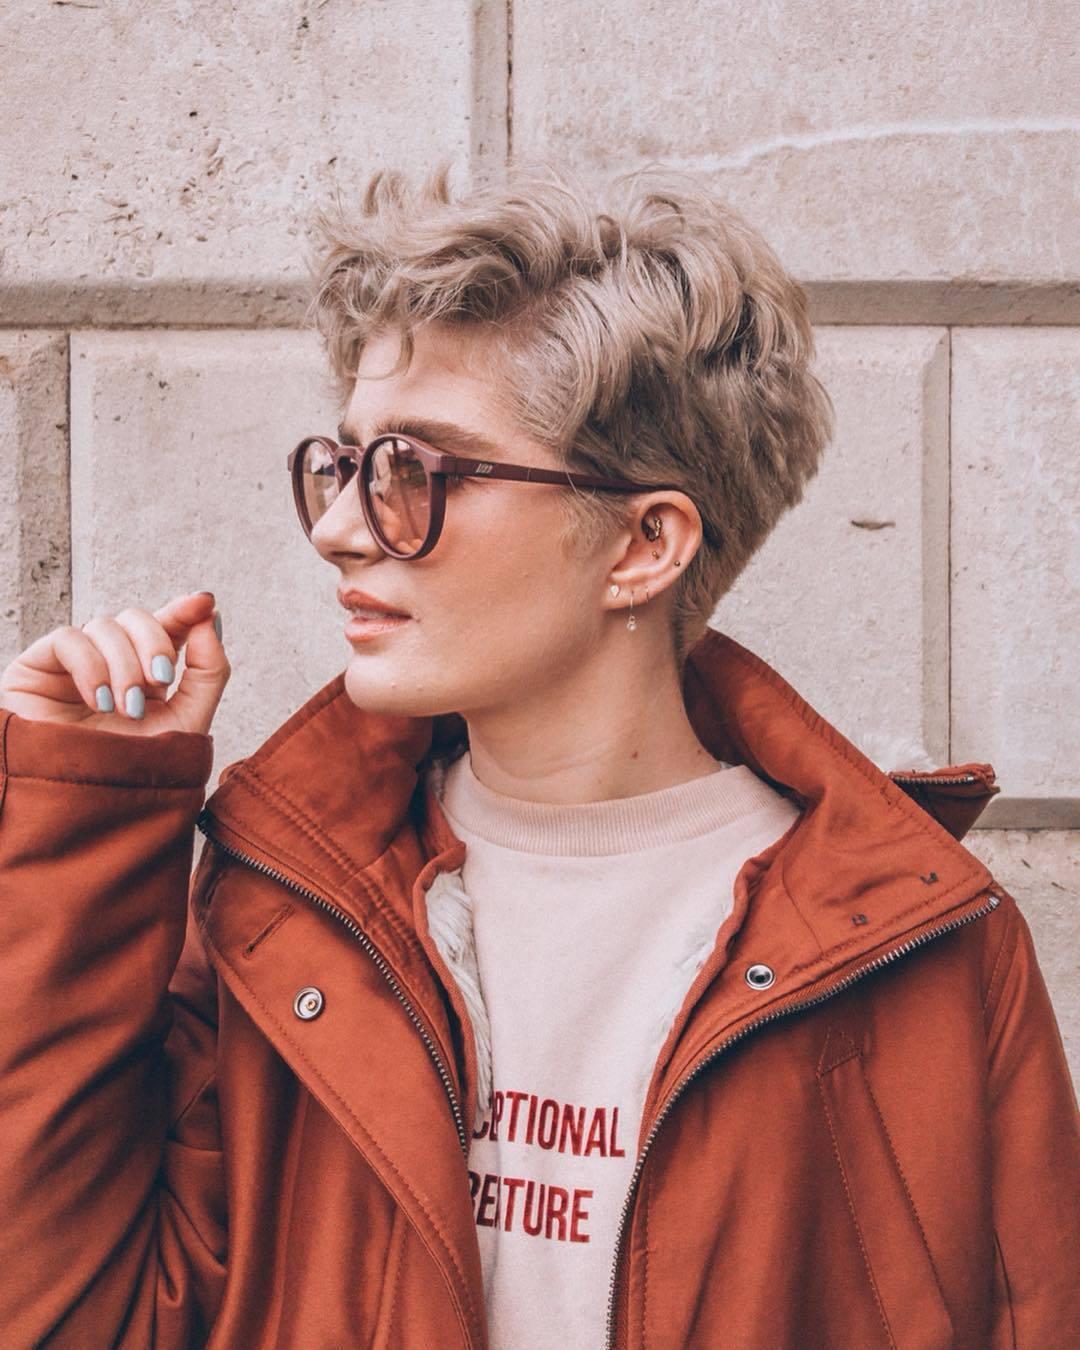 femme avec une coupe de fée blonde cendrée